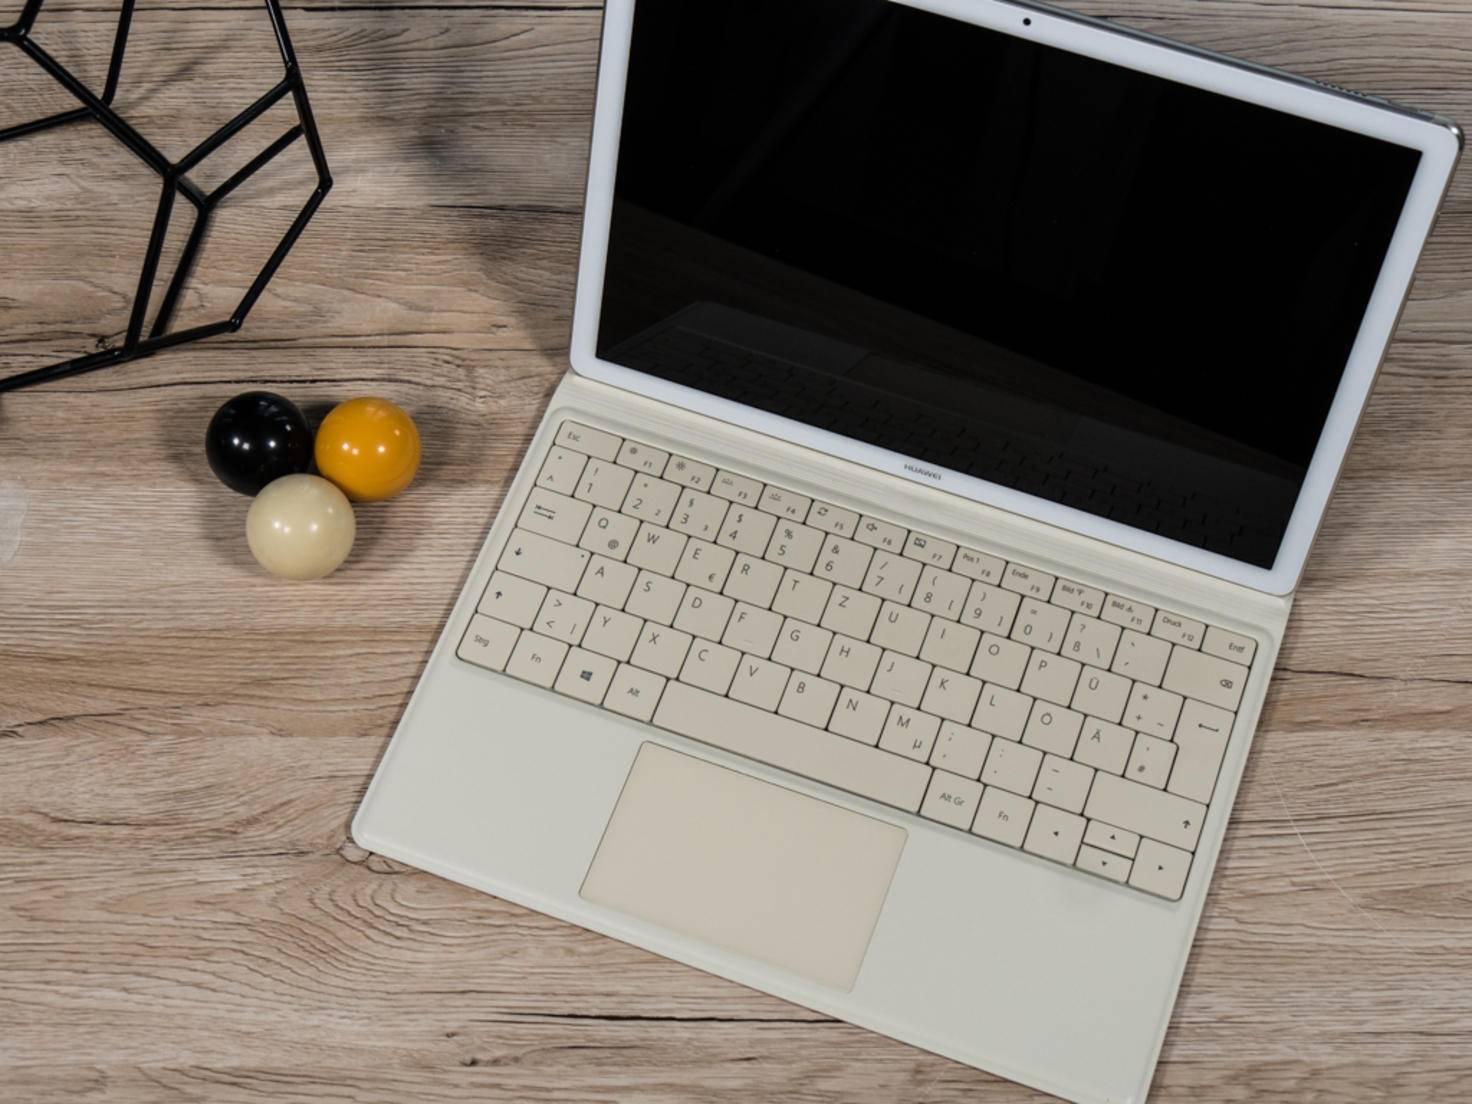 Die Tastaturhülle im Leder-Look schützt das Tablet gleichzeitig beim Transport.